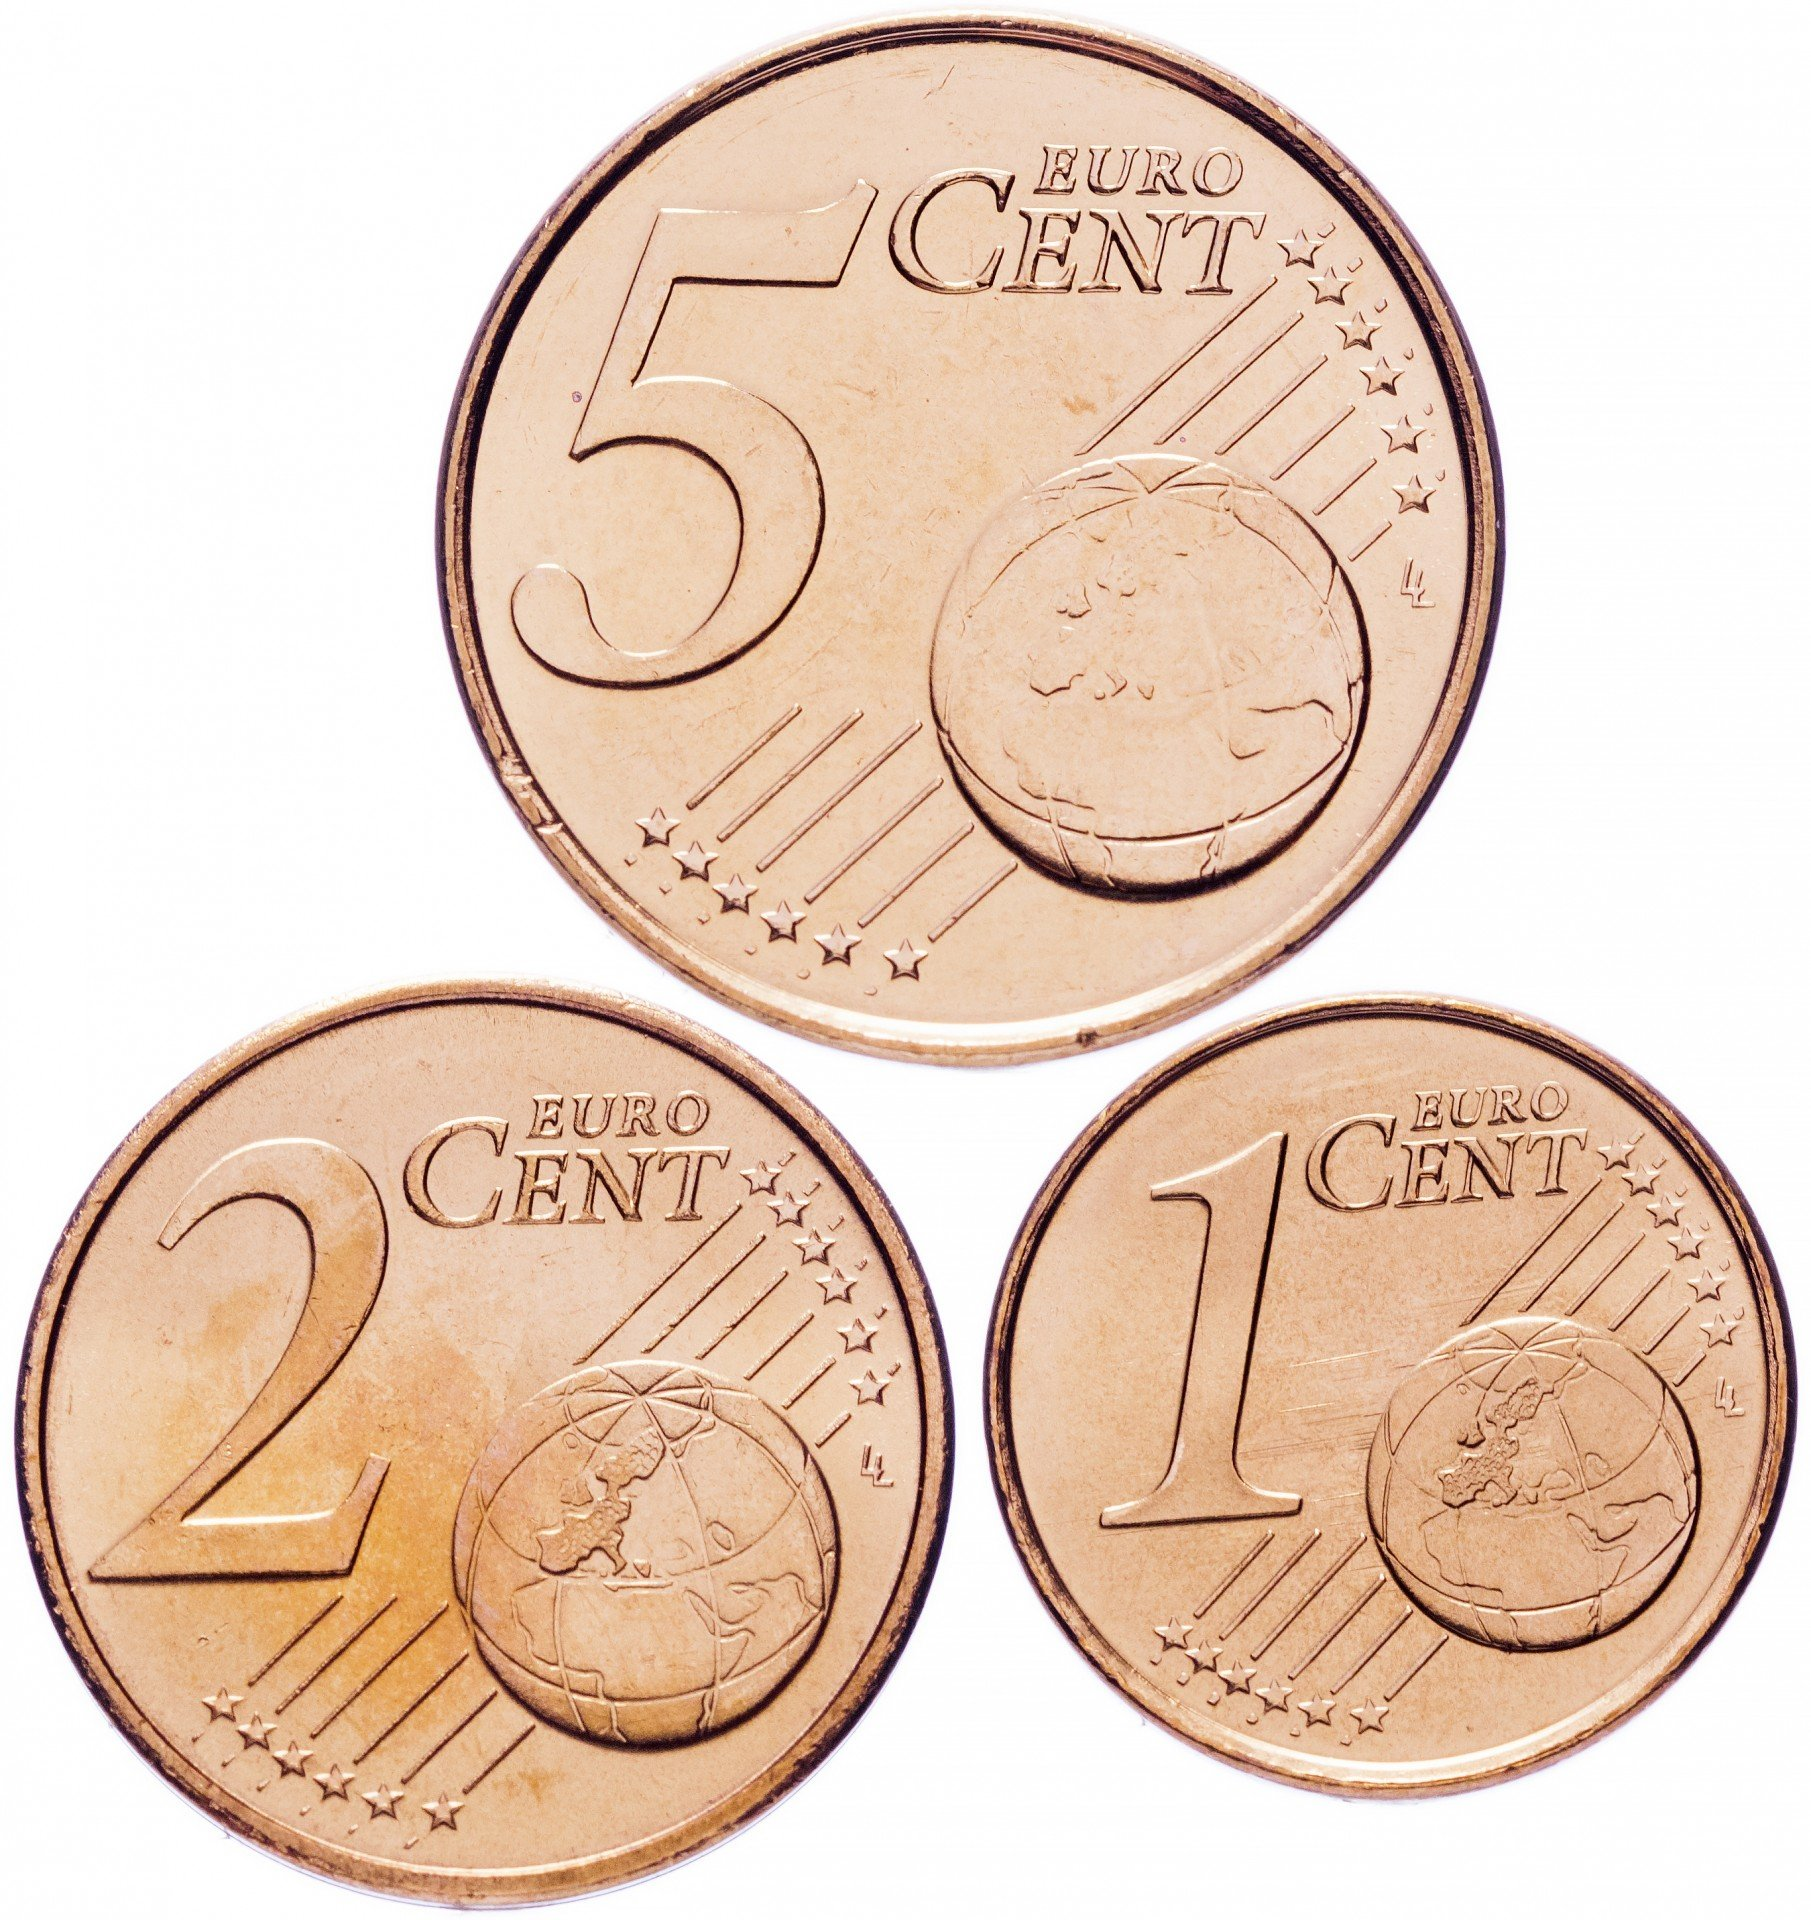 Купить евро монеты дешево 2 копейки 1813 года цена